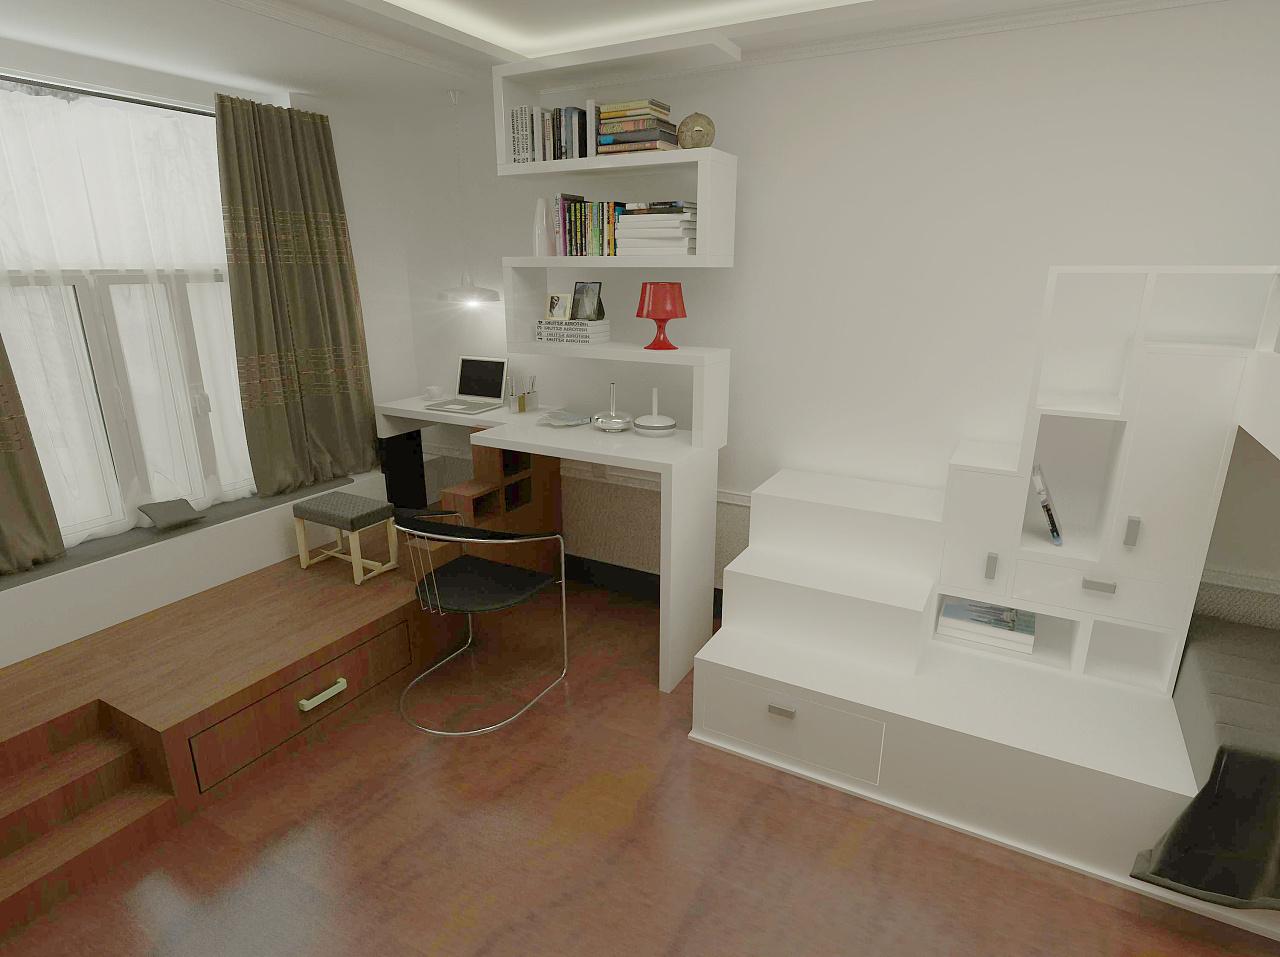 大学寝室居住空间设计(2人,4人,6人寝室)图片